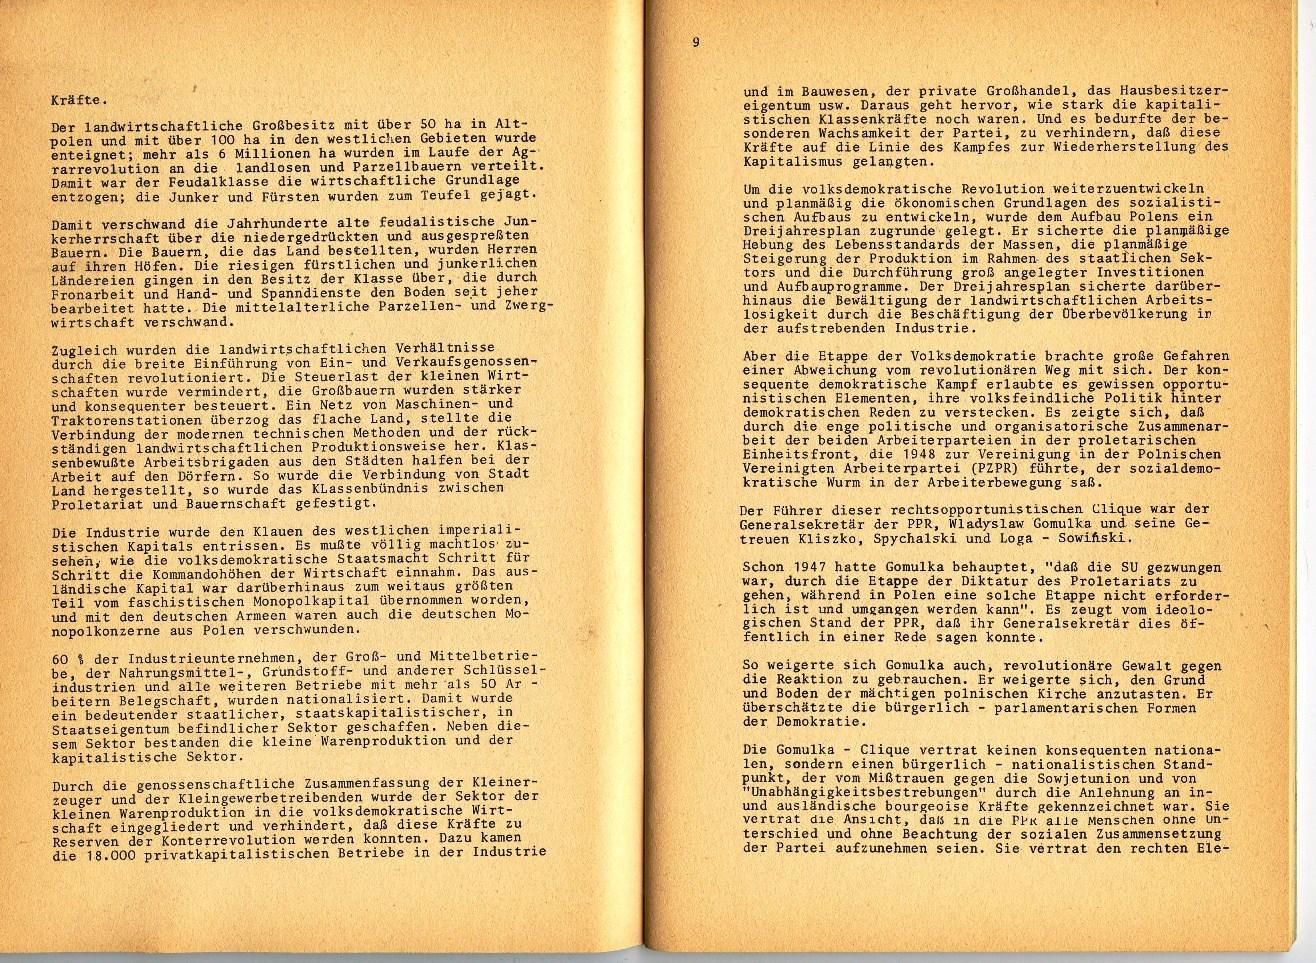 ZB_Polen_Aufstand_1971_08